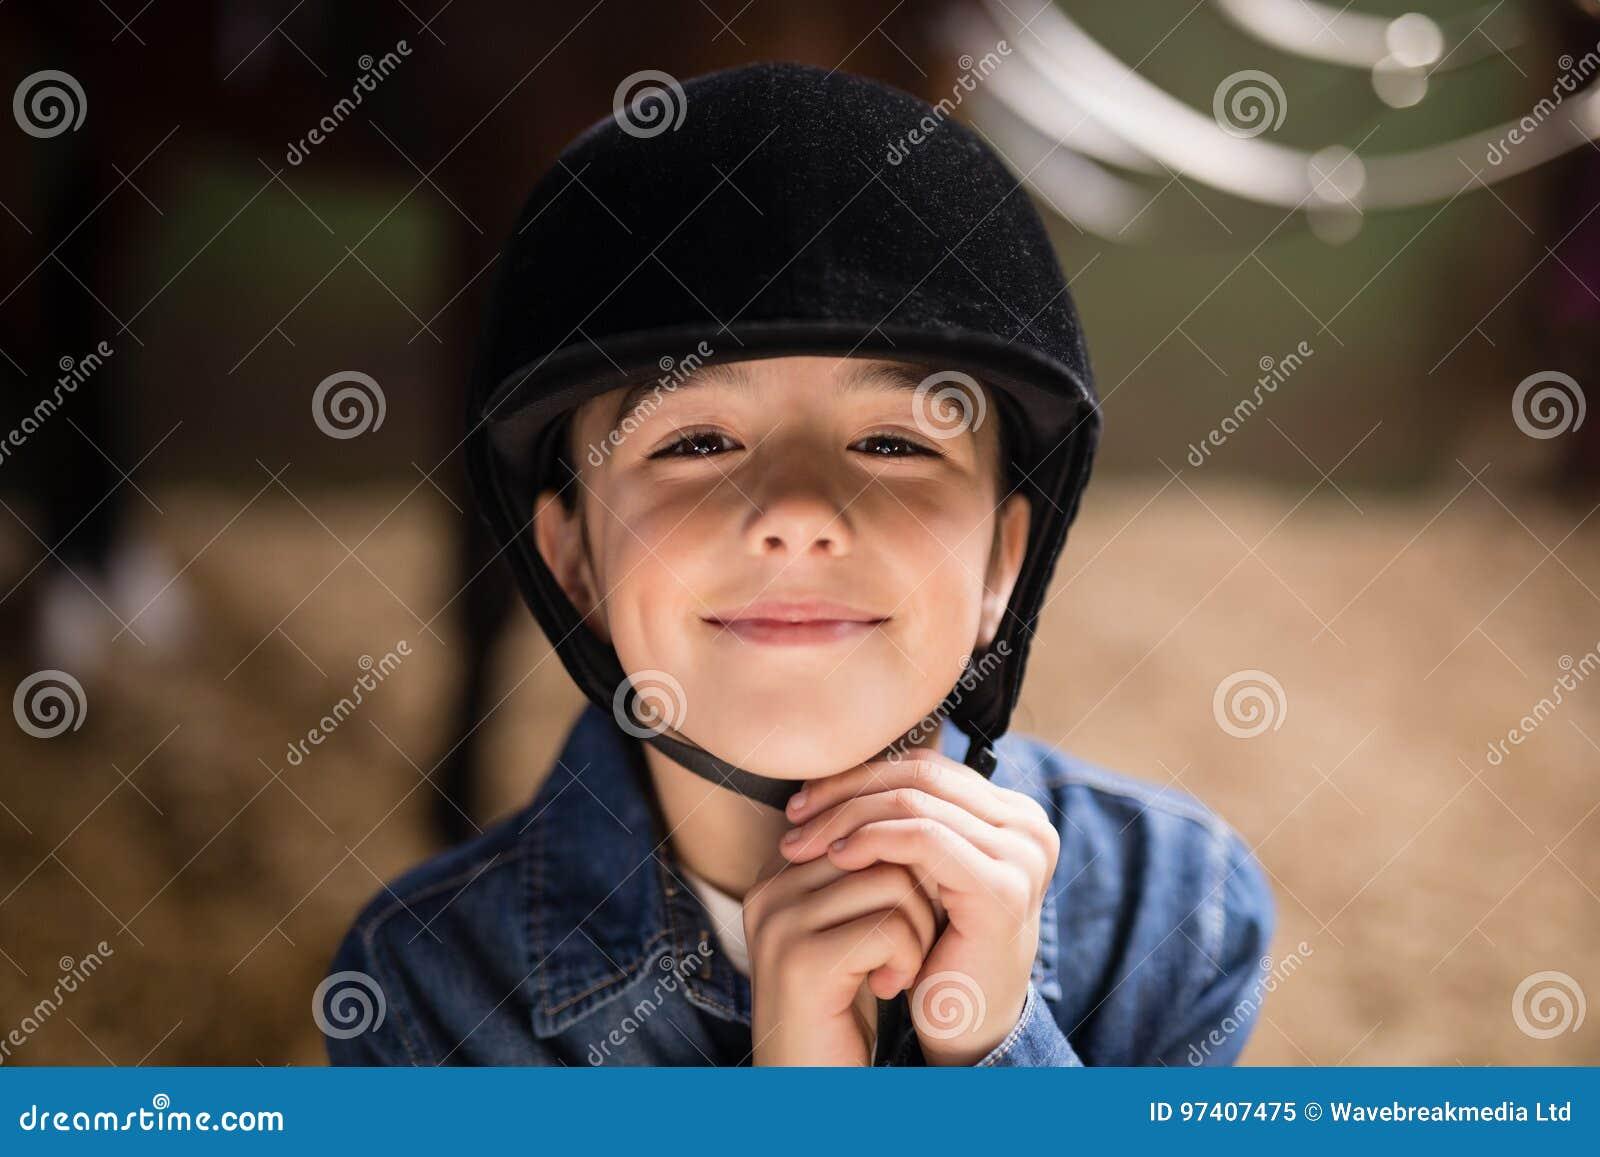 Portrait of smiling girl fastening helmet